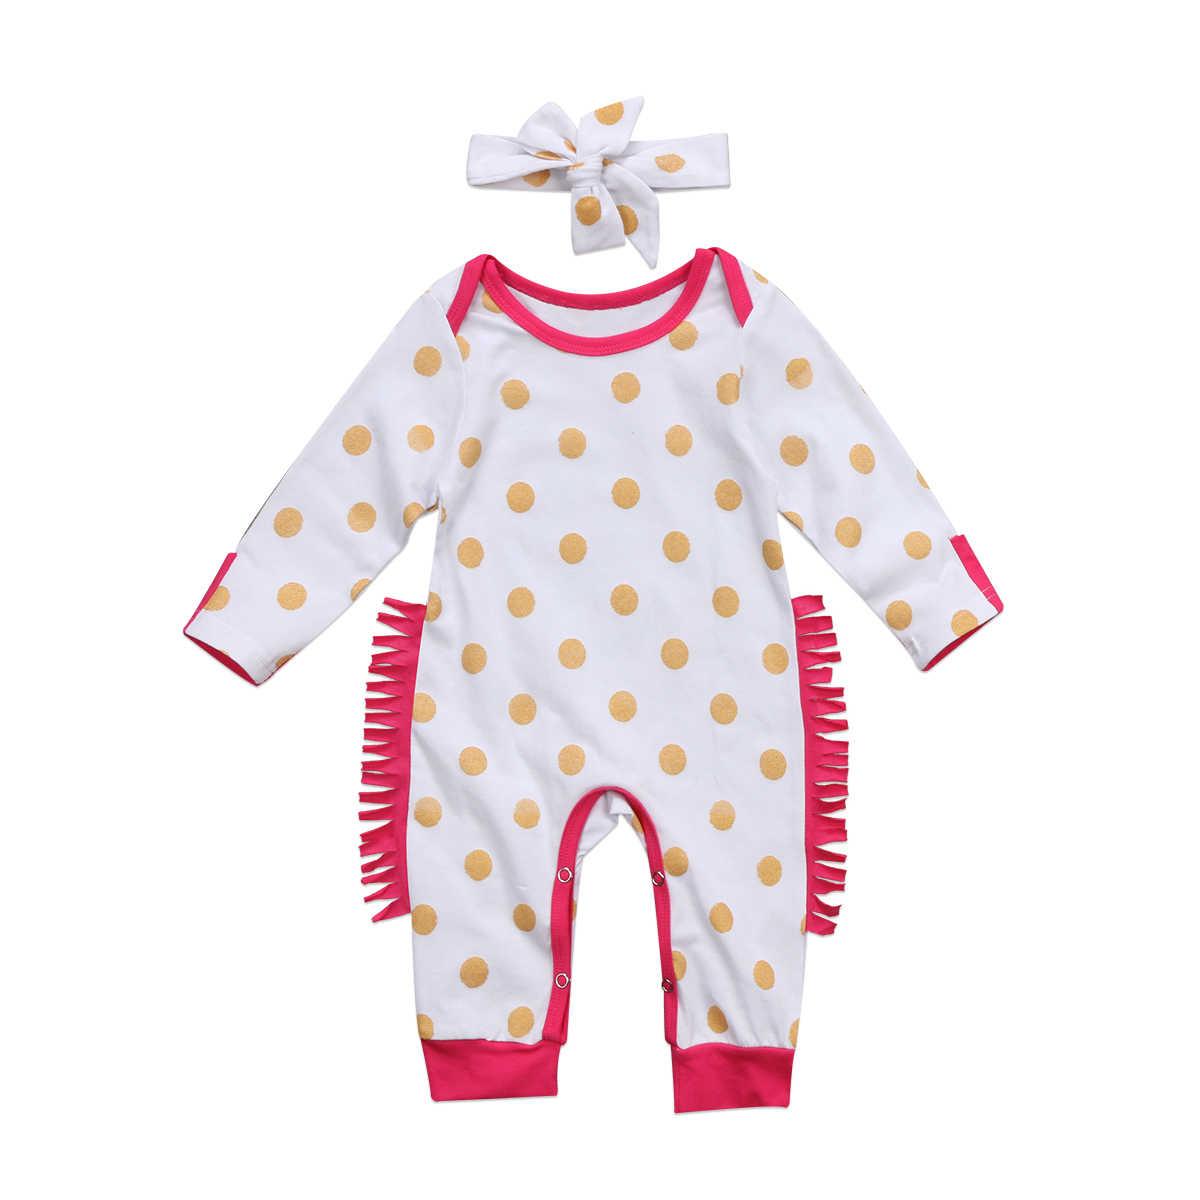 Фото Pudcoco 0 24 м рюшами для новорожденных Обувь девочек Золотой горошек хлопок одежда с